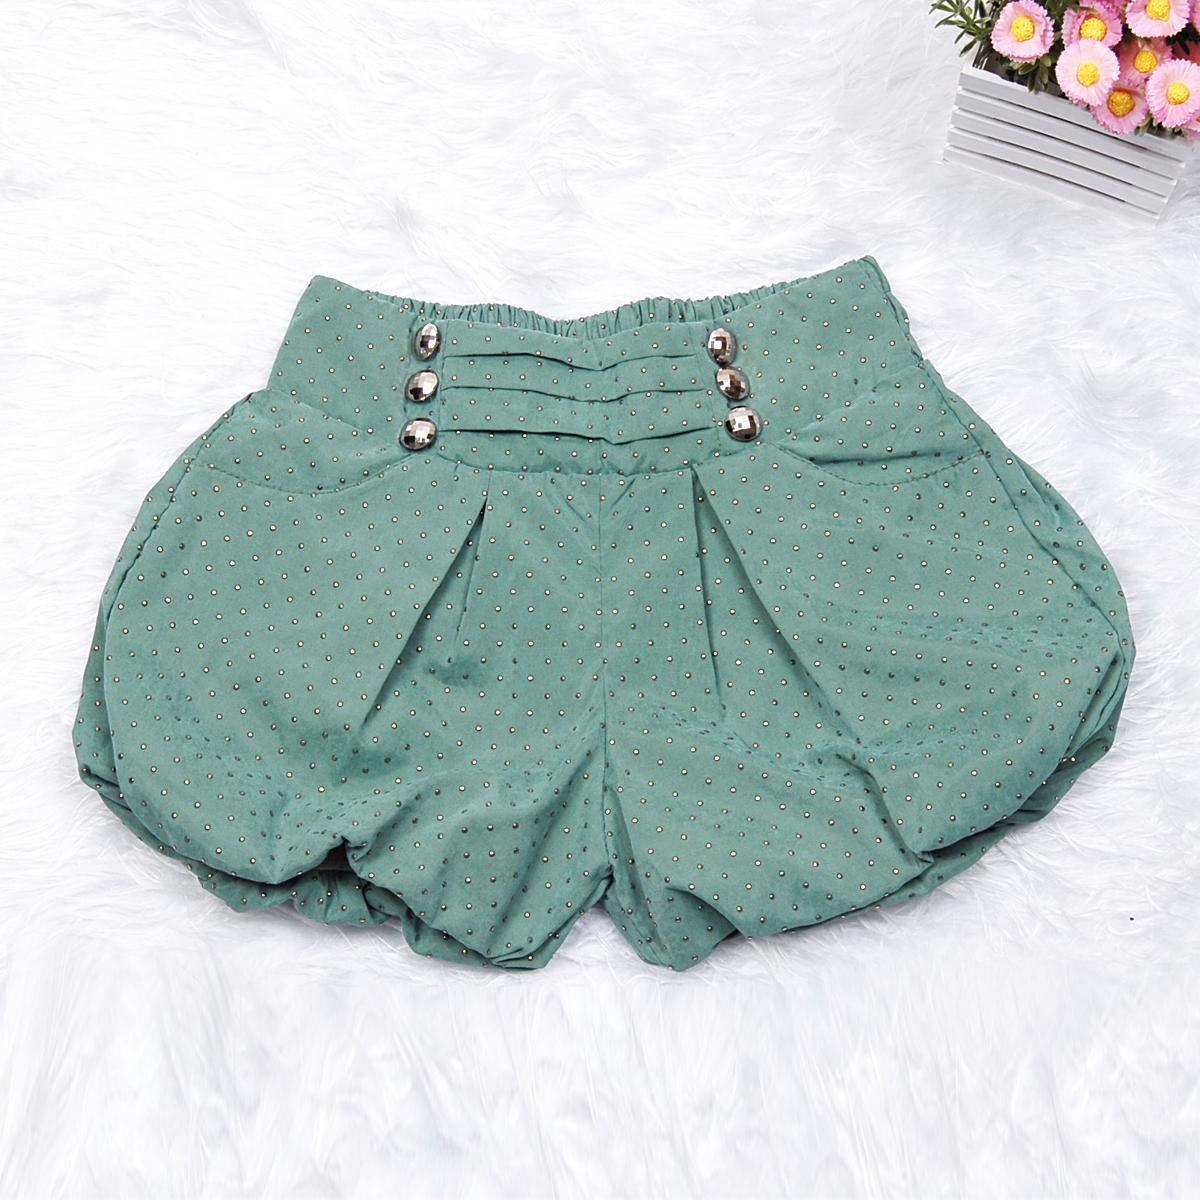 Женские брюки Aegean mystery of Shadow 1247 Шорты, мини-шорты Шаровары Дикие должны быть удалены